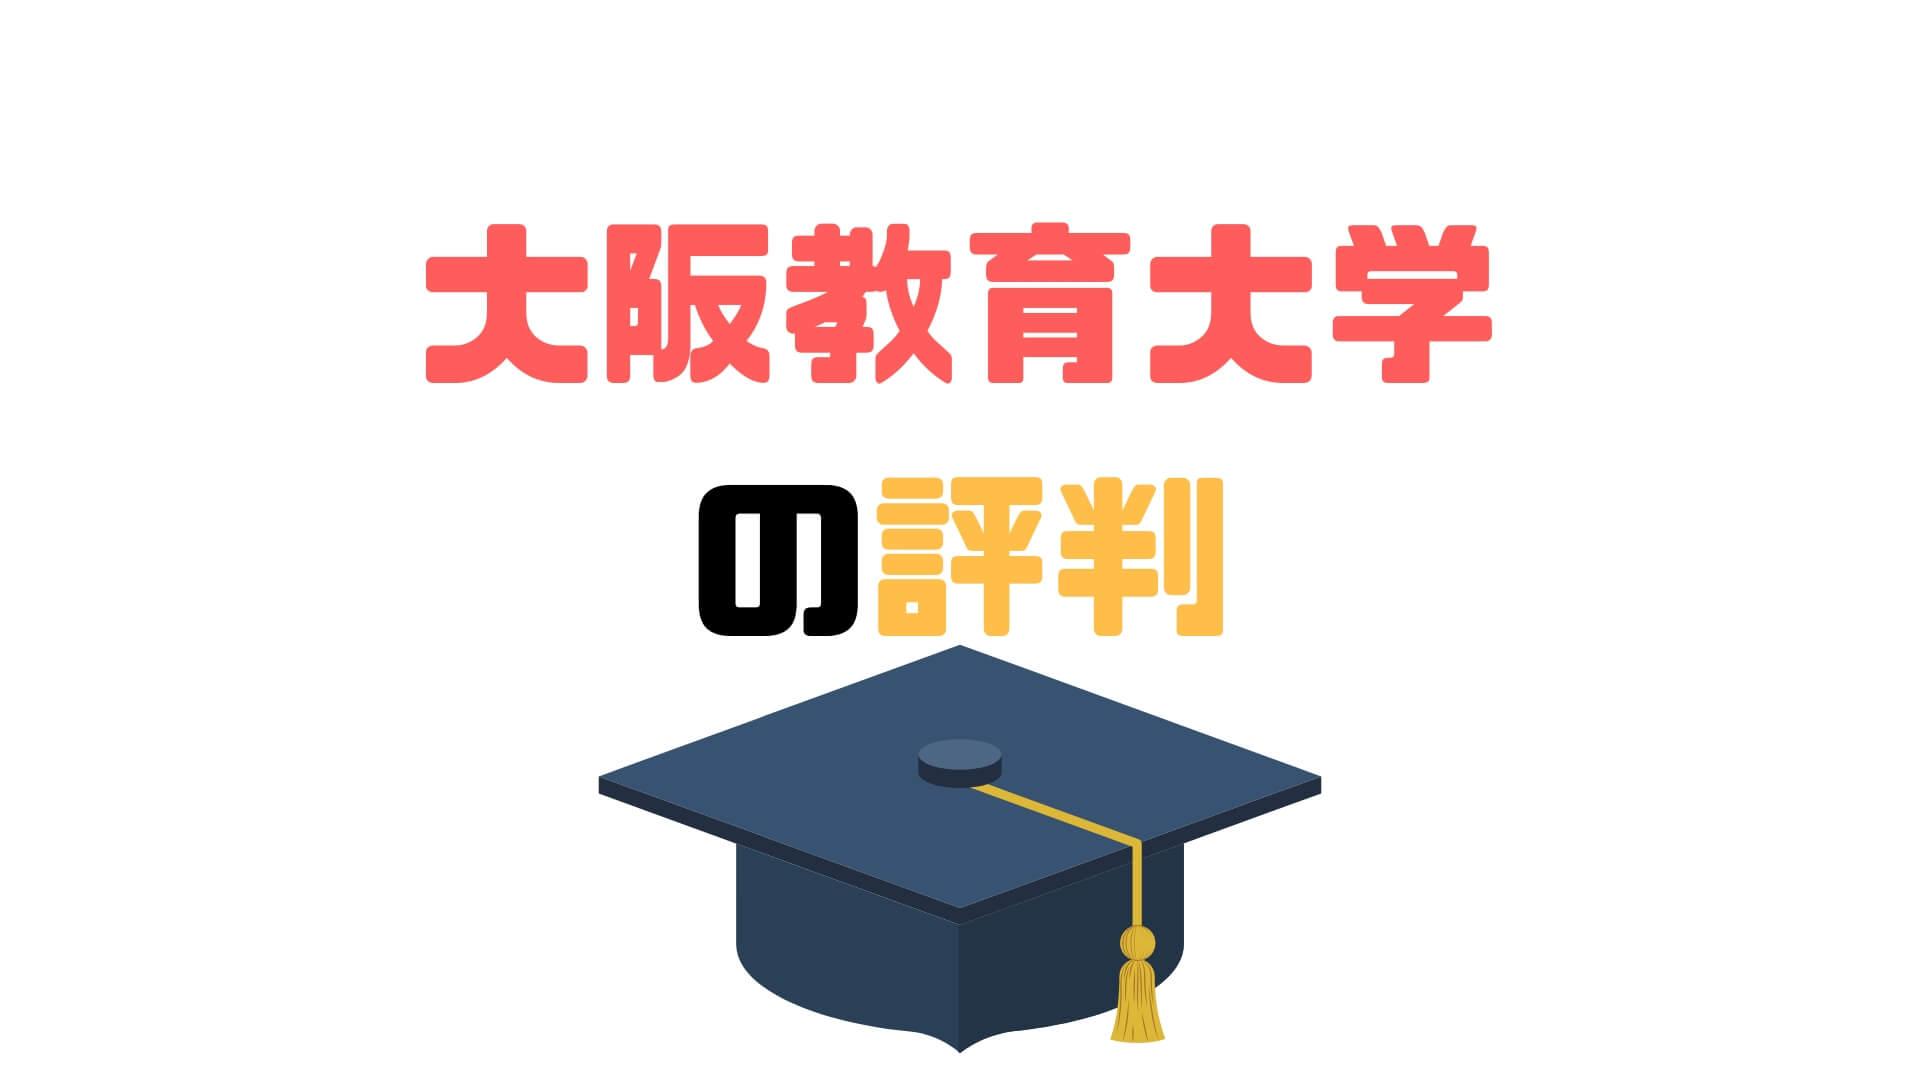 大阪教育大学の評判